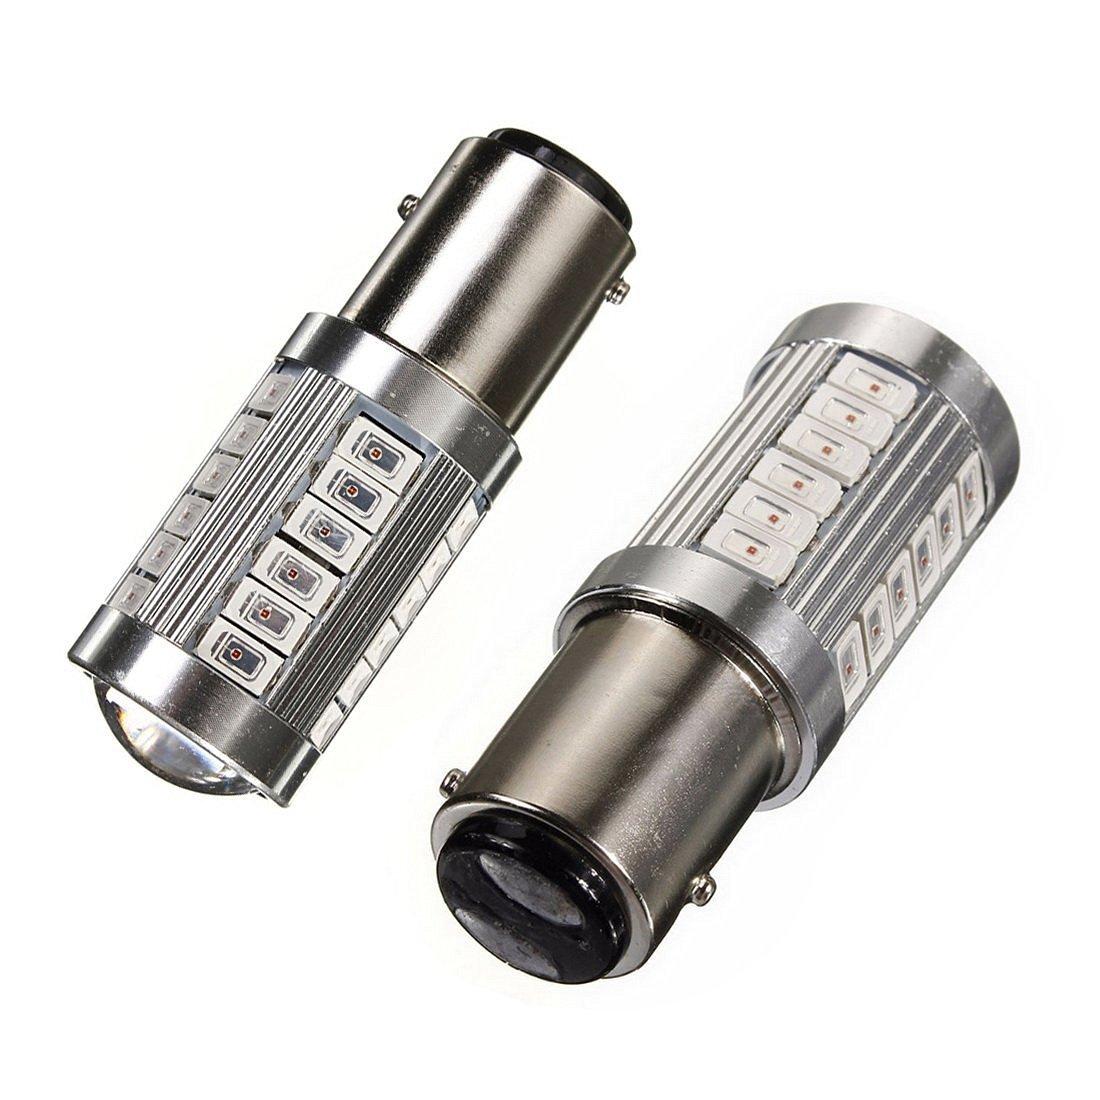 KATUR 2pcs 1157 BAY15D 5630 33-SMD Red 900 Lumens Super Bright LED Turn Tail Brake Stop Signal Light Lamp Bulb 12V 3.6W